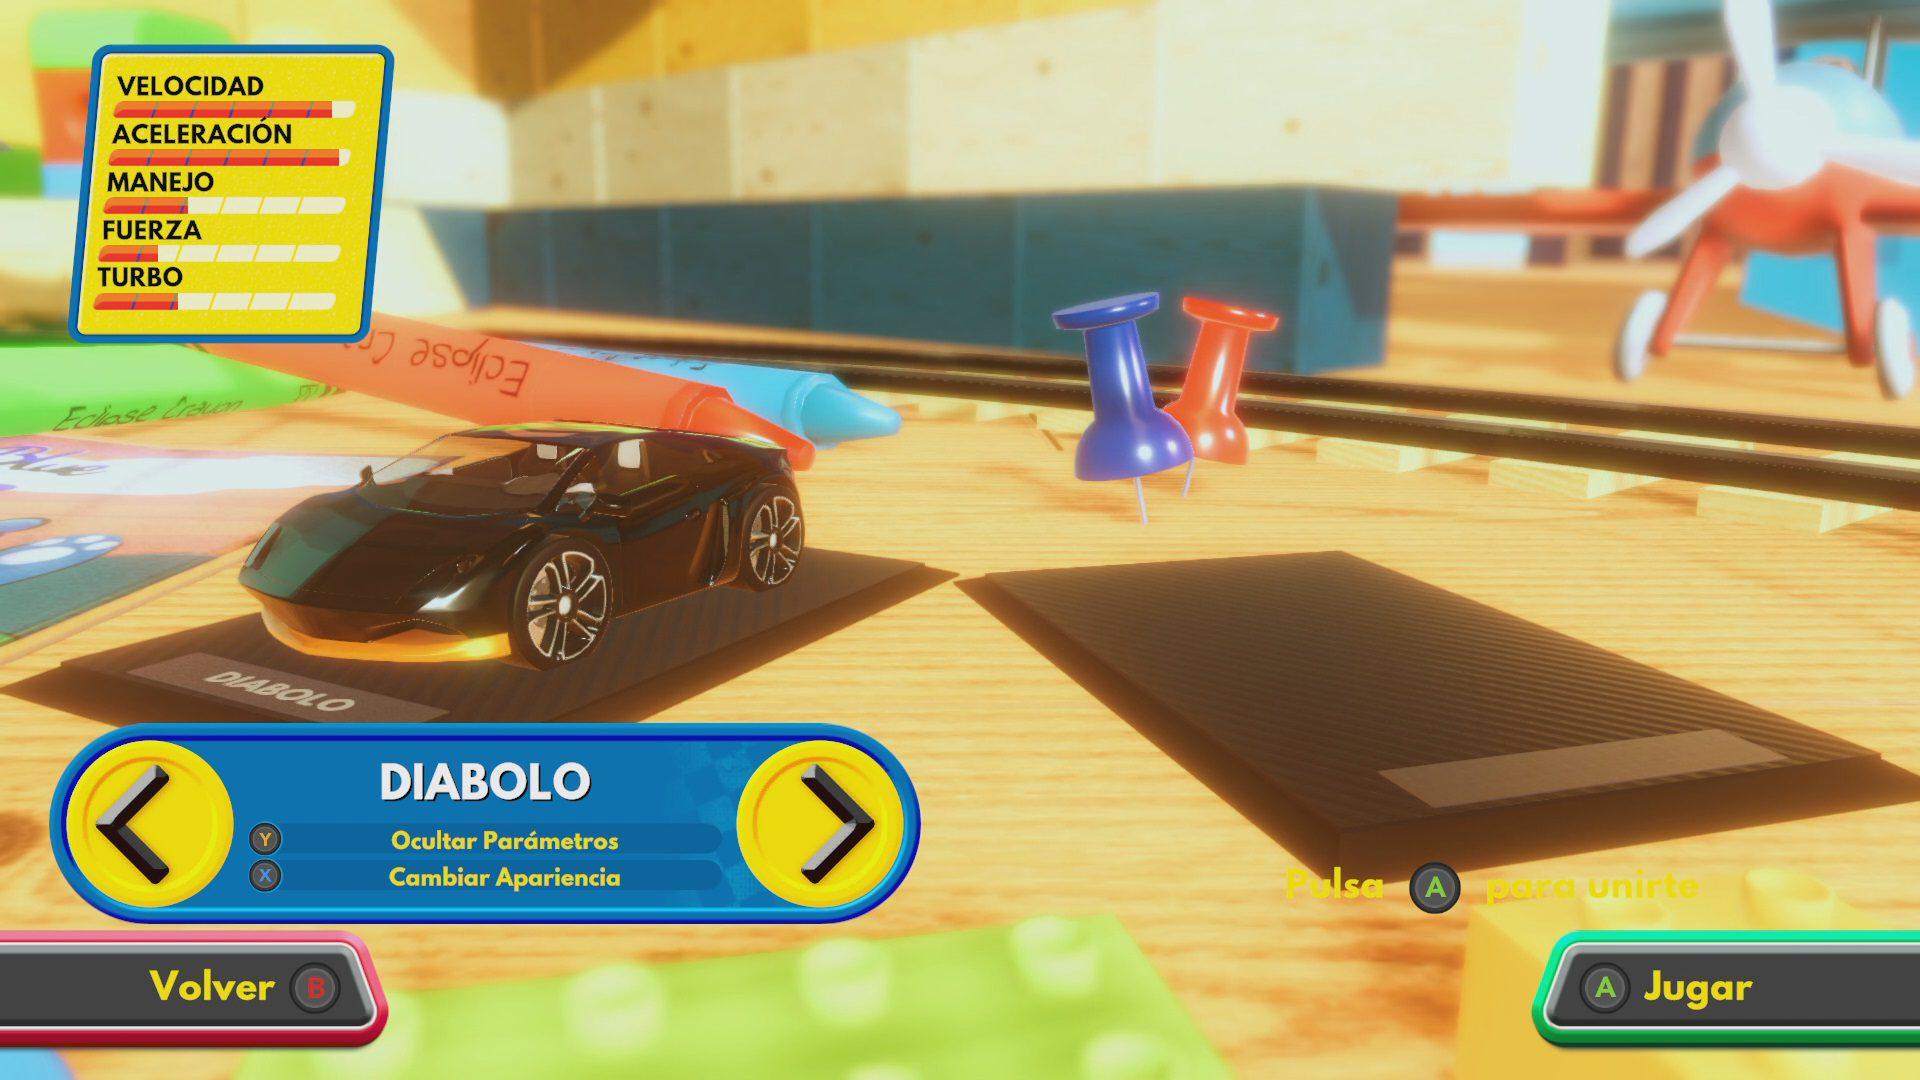 Multijugador local Super Toy Cars 2